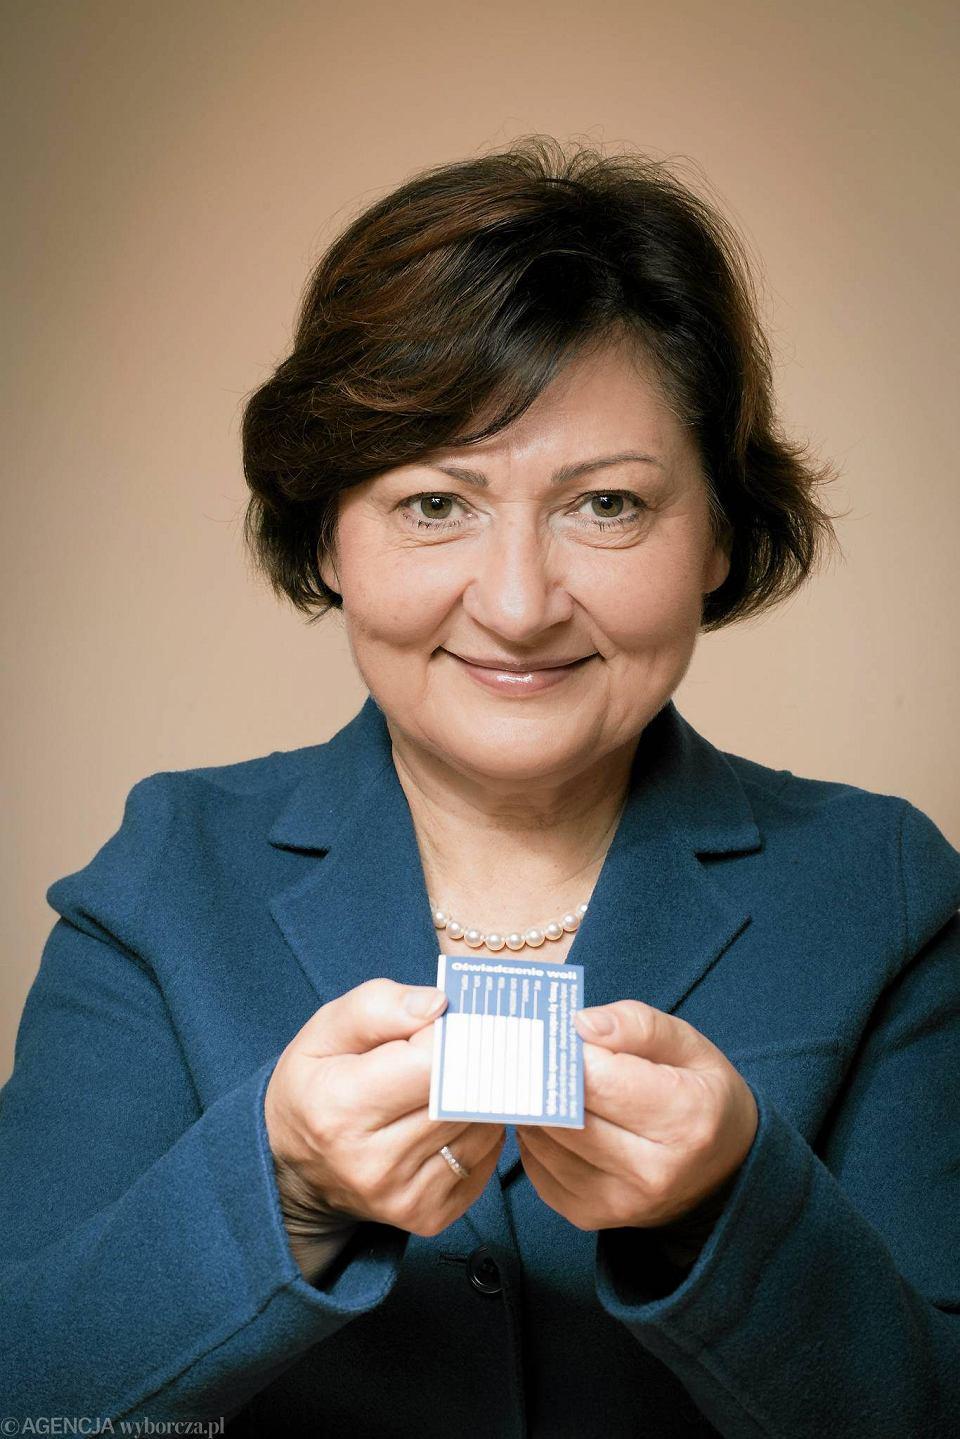 Teresa Dryl-Rydzyńska chce zamienić Polskę w drugą Hiszpanię